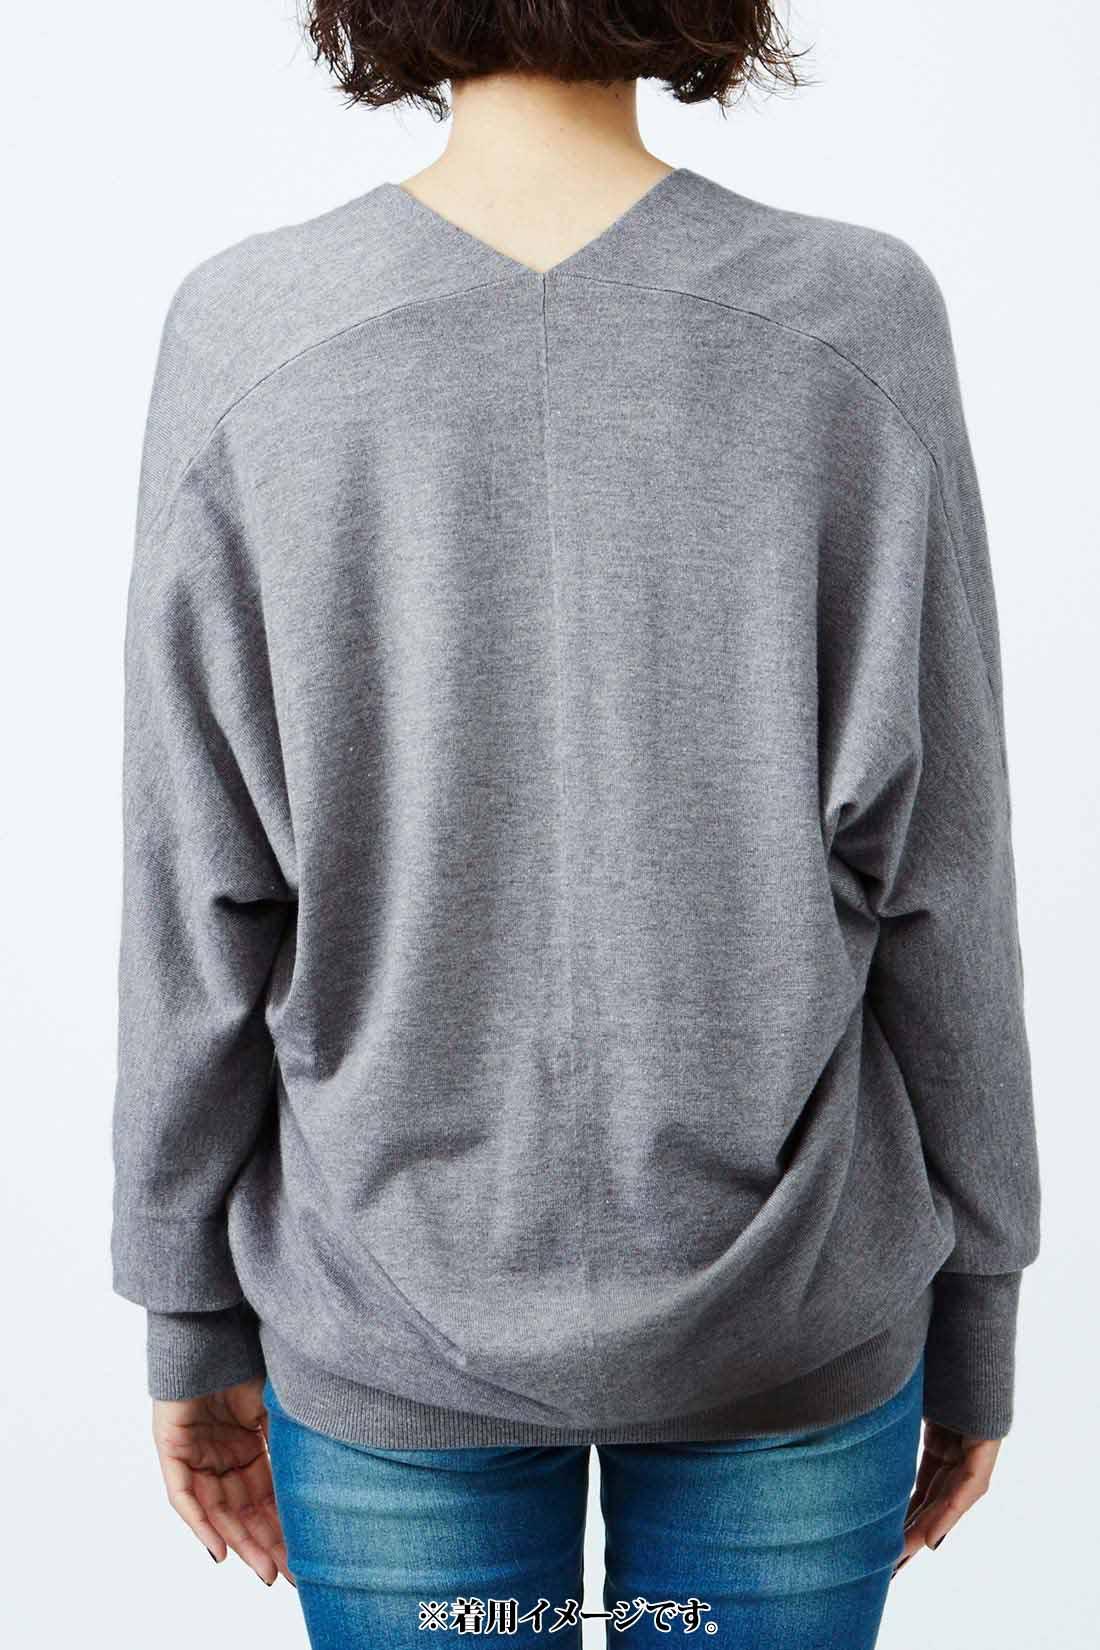 ほどよいドルマンスリーブと開きすぎないVネックが品のよさをキープ。 ※着用イメージです。お届けするカラーとは異なります。